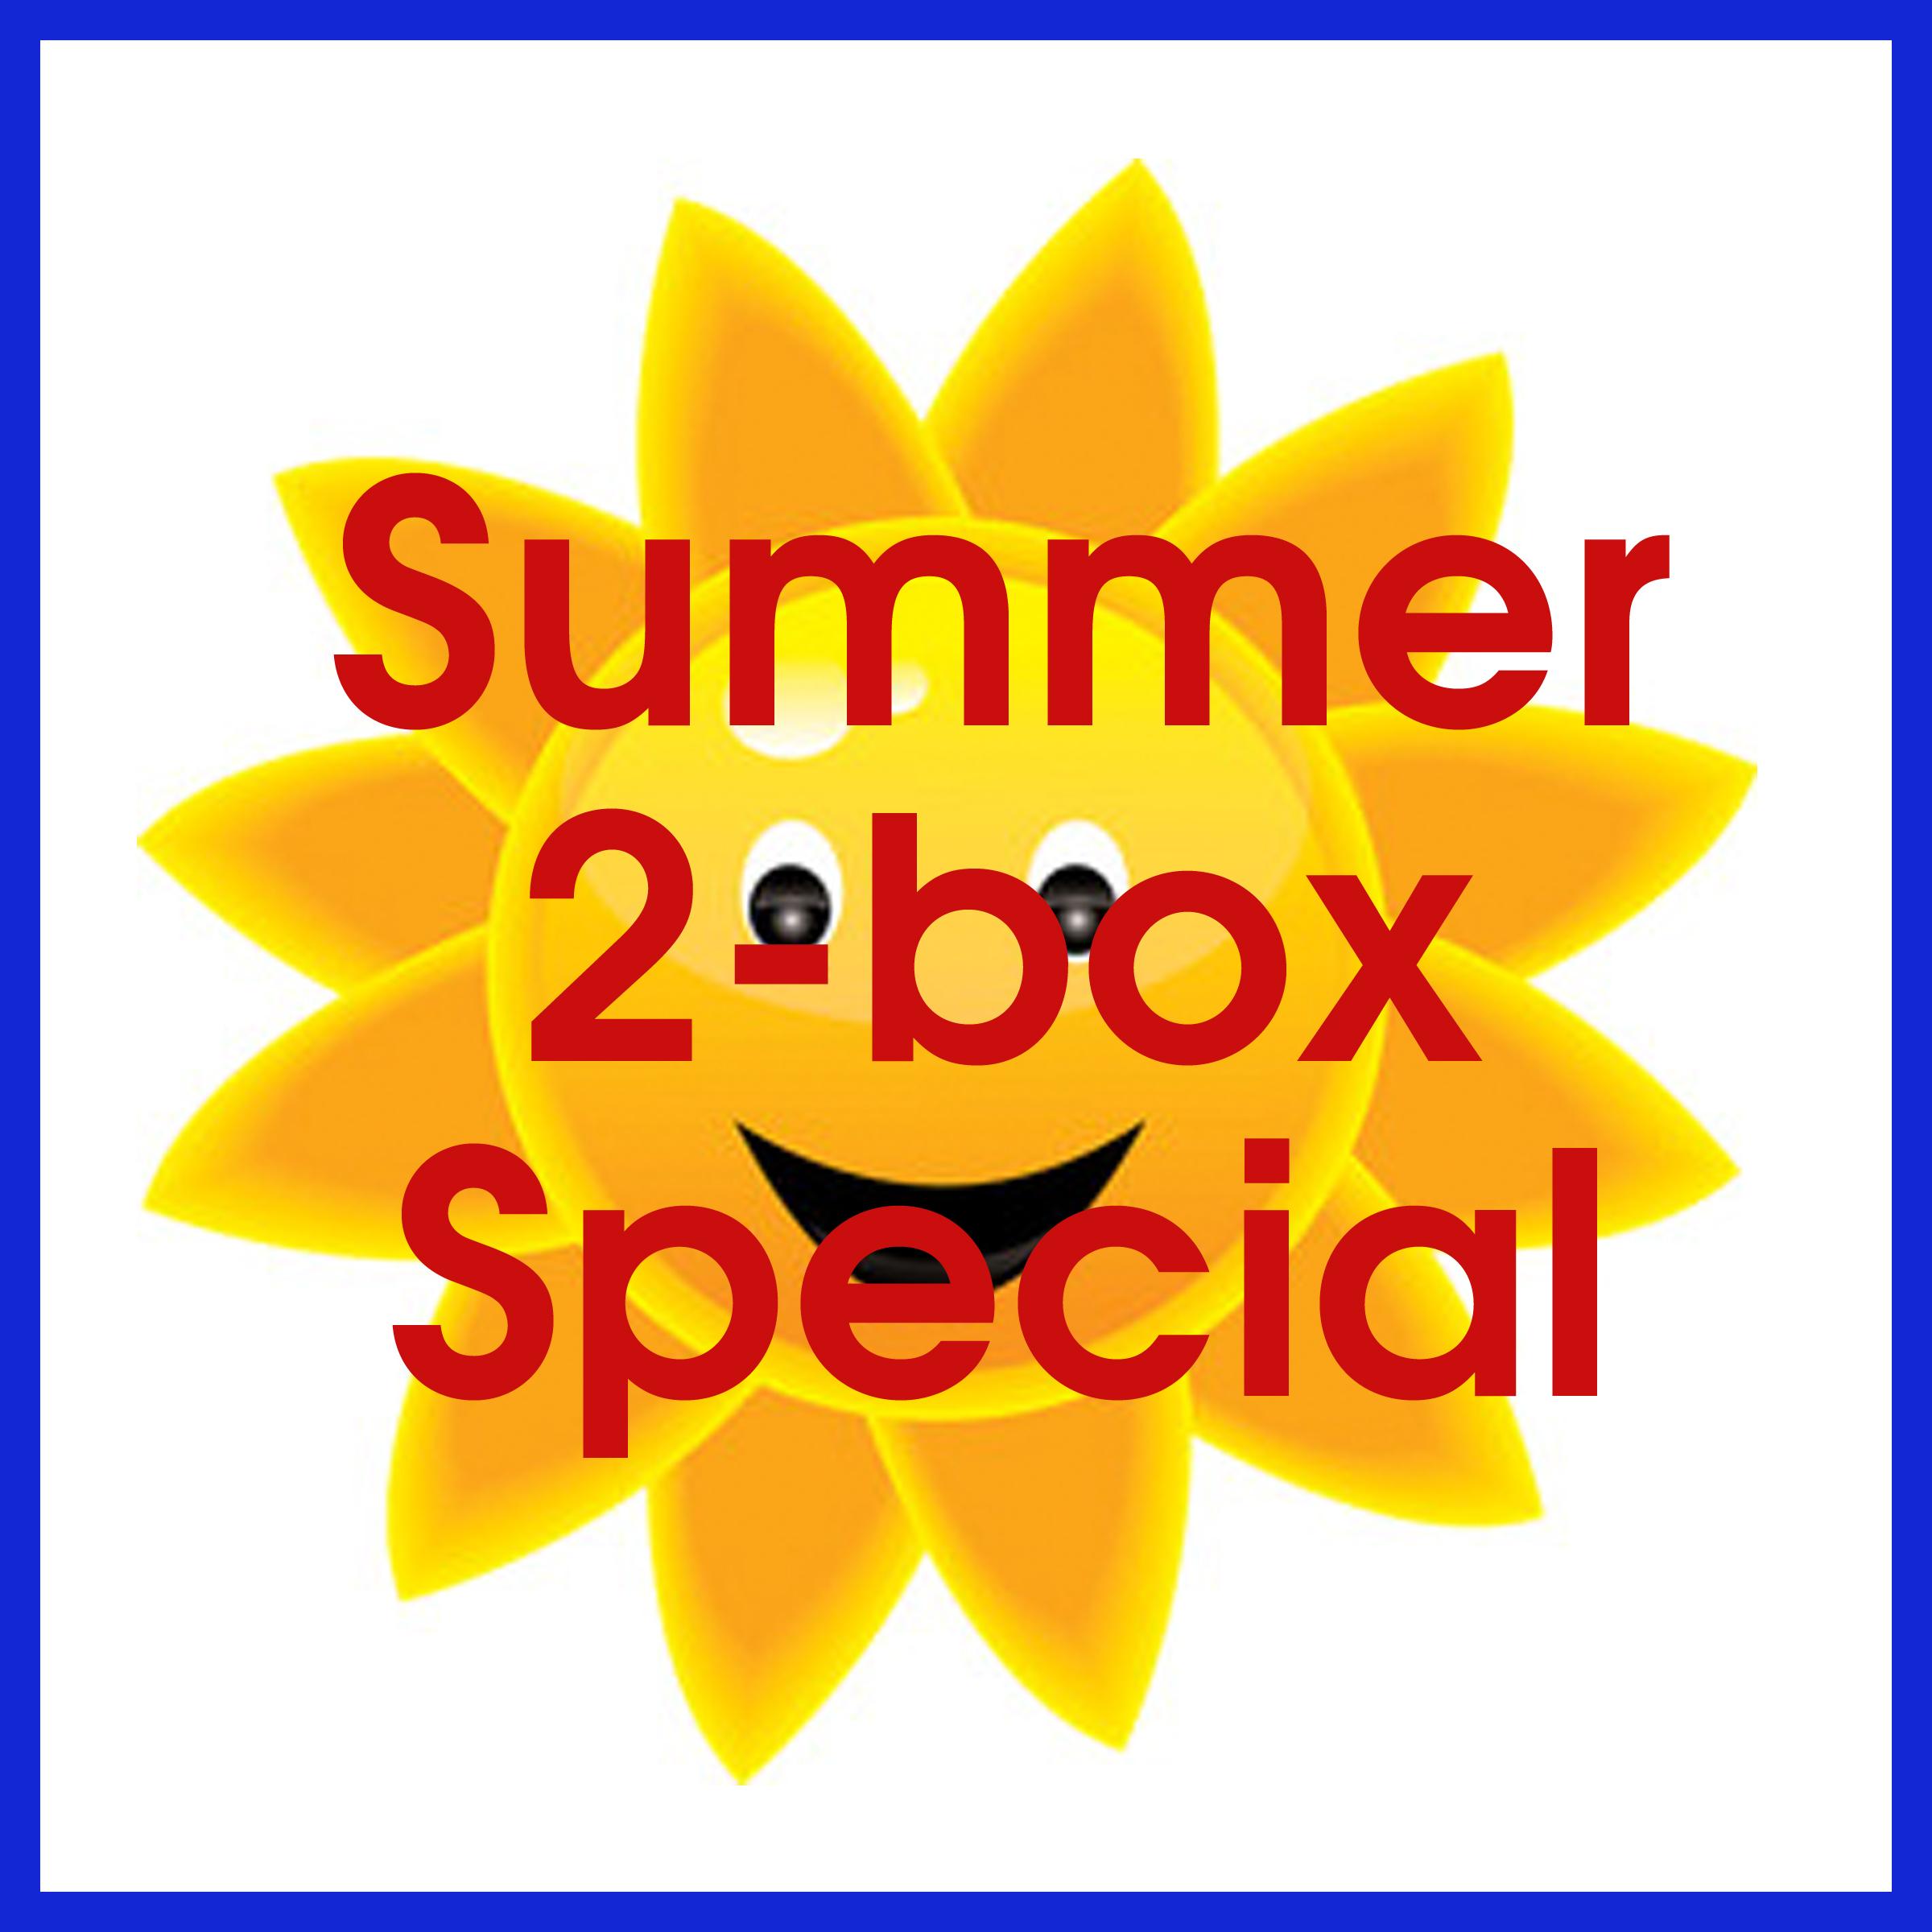 SummerSpecialLOGO.jpg